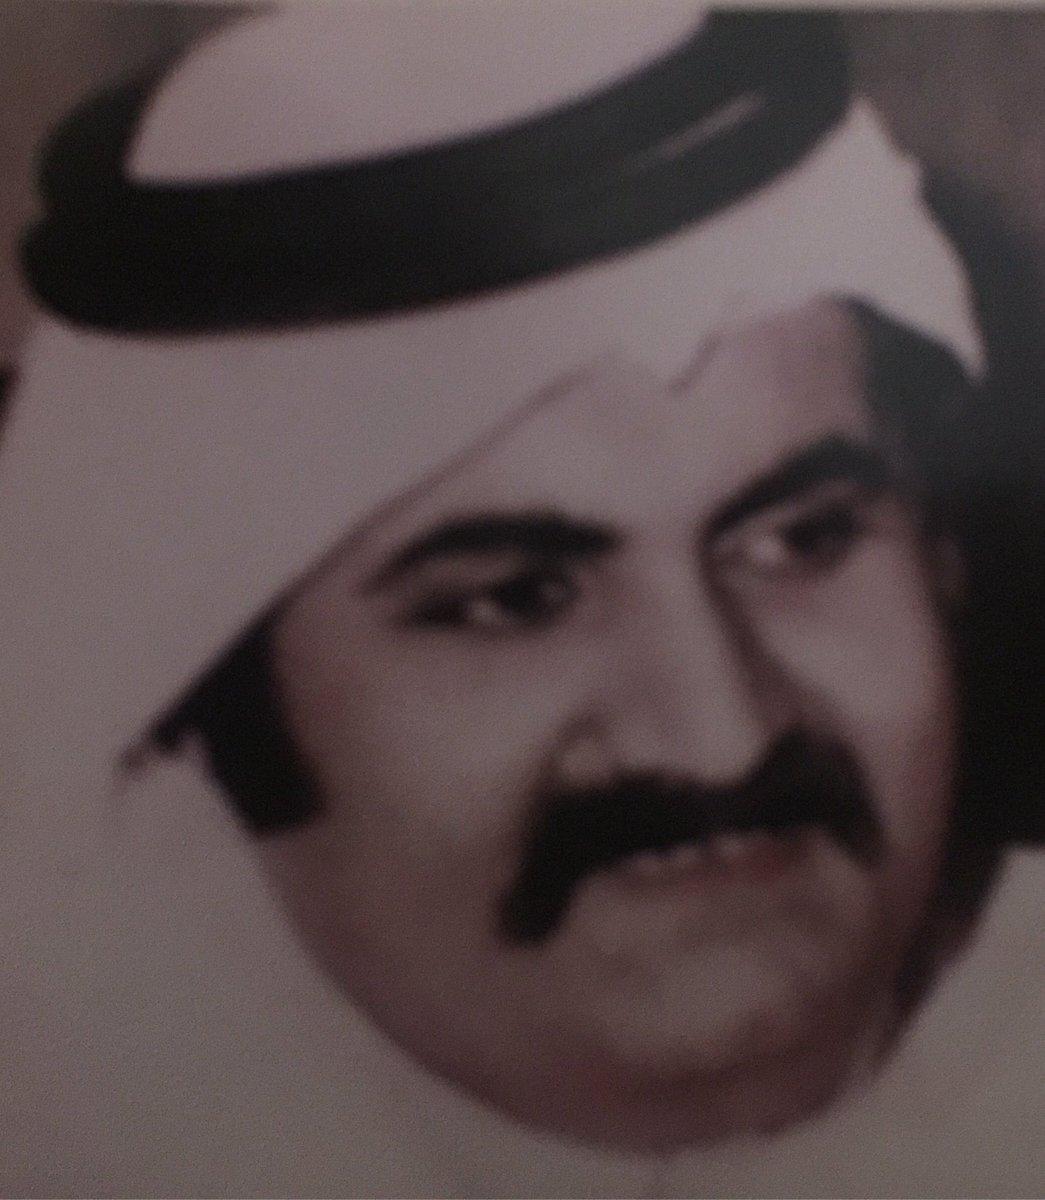 الوجبه On Twitter صاحب السمو الشيخ حمد بن خليفه ال ثاني حفظه الله